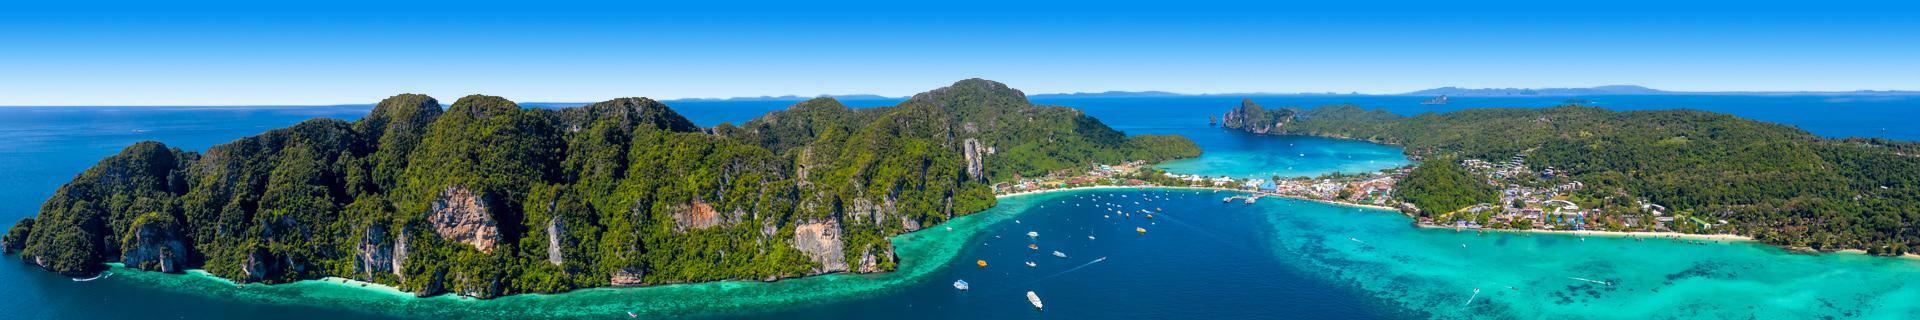 Kan ik op vakantie naar Thailand?